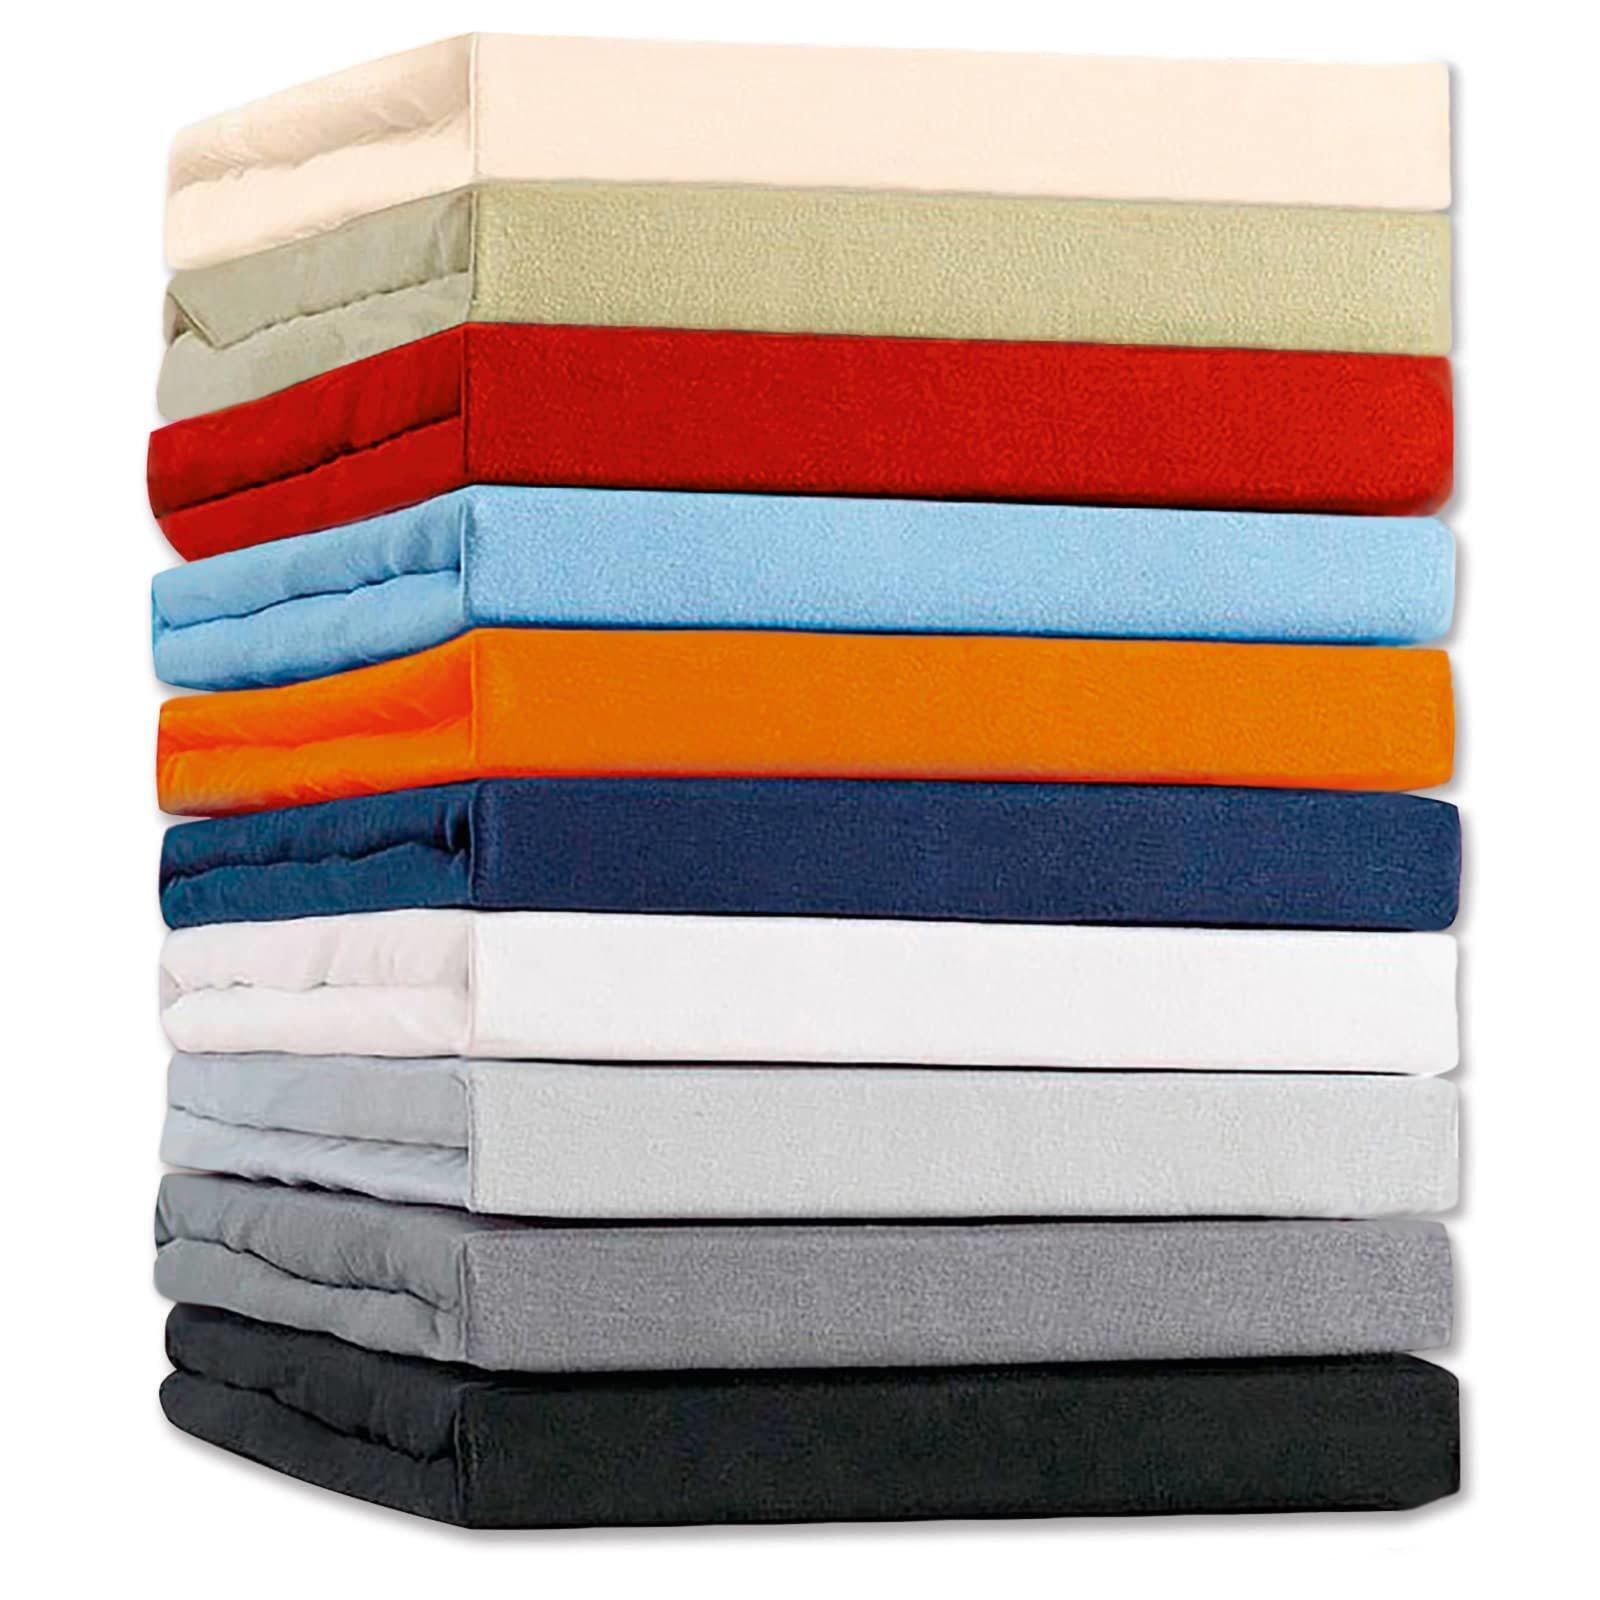 spannbettlaken farbe nicht w hlbar 140x200 cm bettlaken bettw sche bettlaken. Black Bedroom Furniture Sets. Home Design Ideas